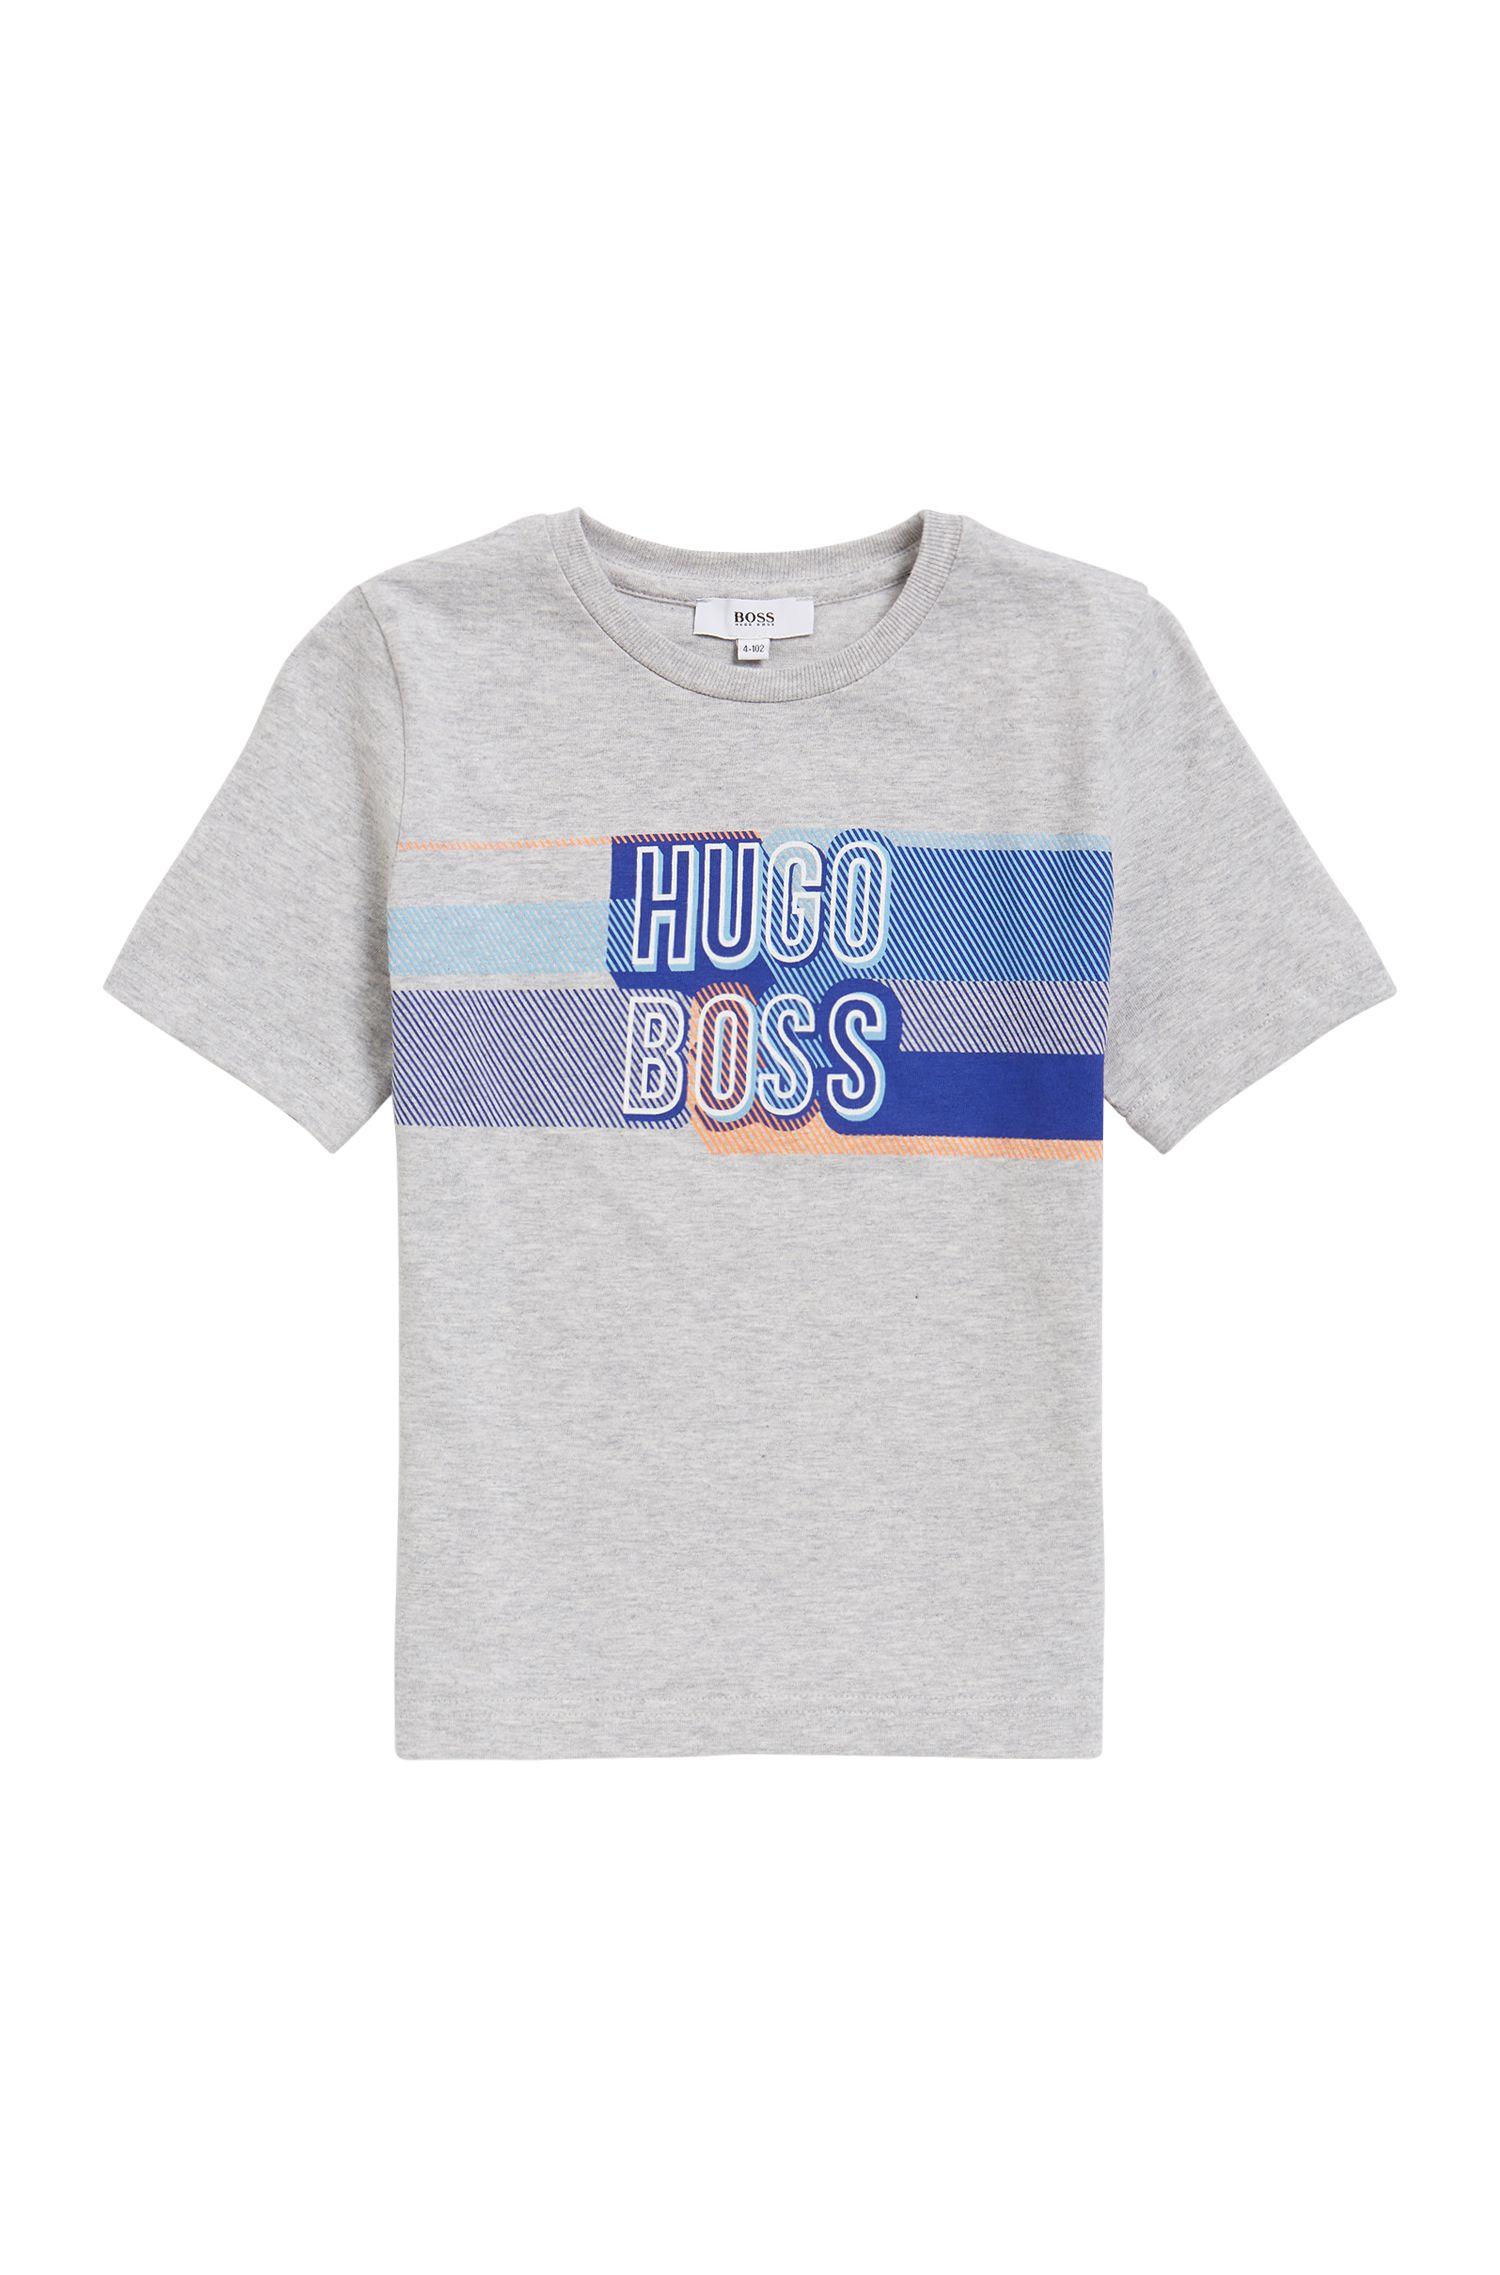 Kids-T-Shirt aus Baumwoll-Jersey mit Logo-Print